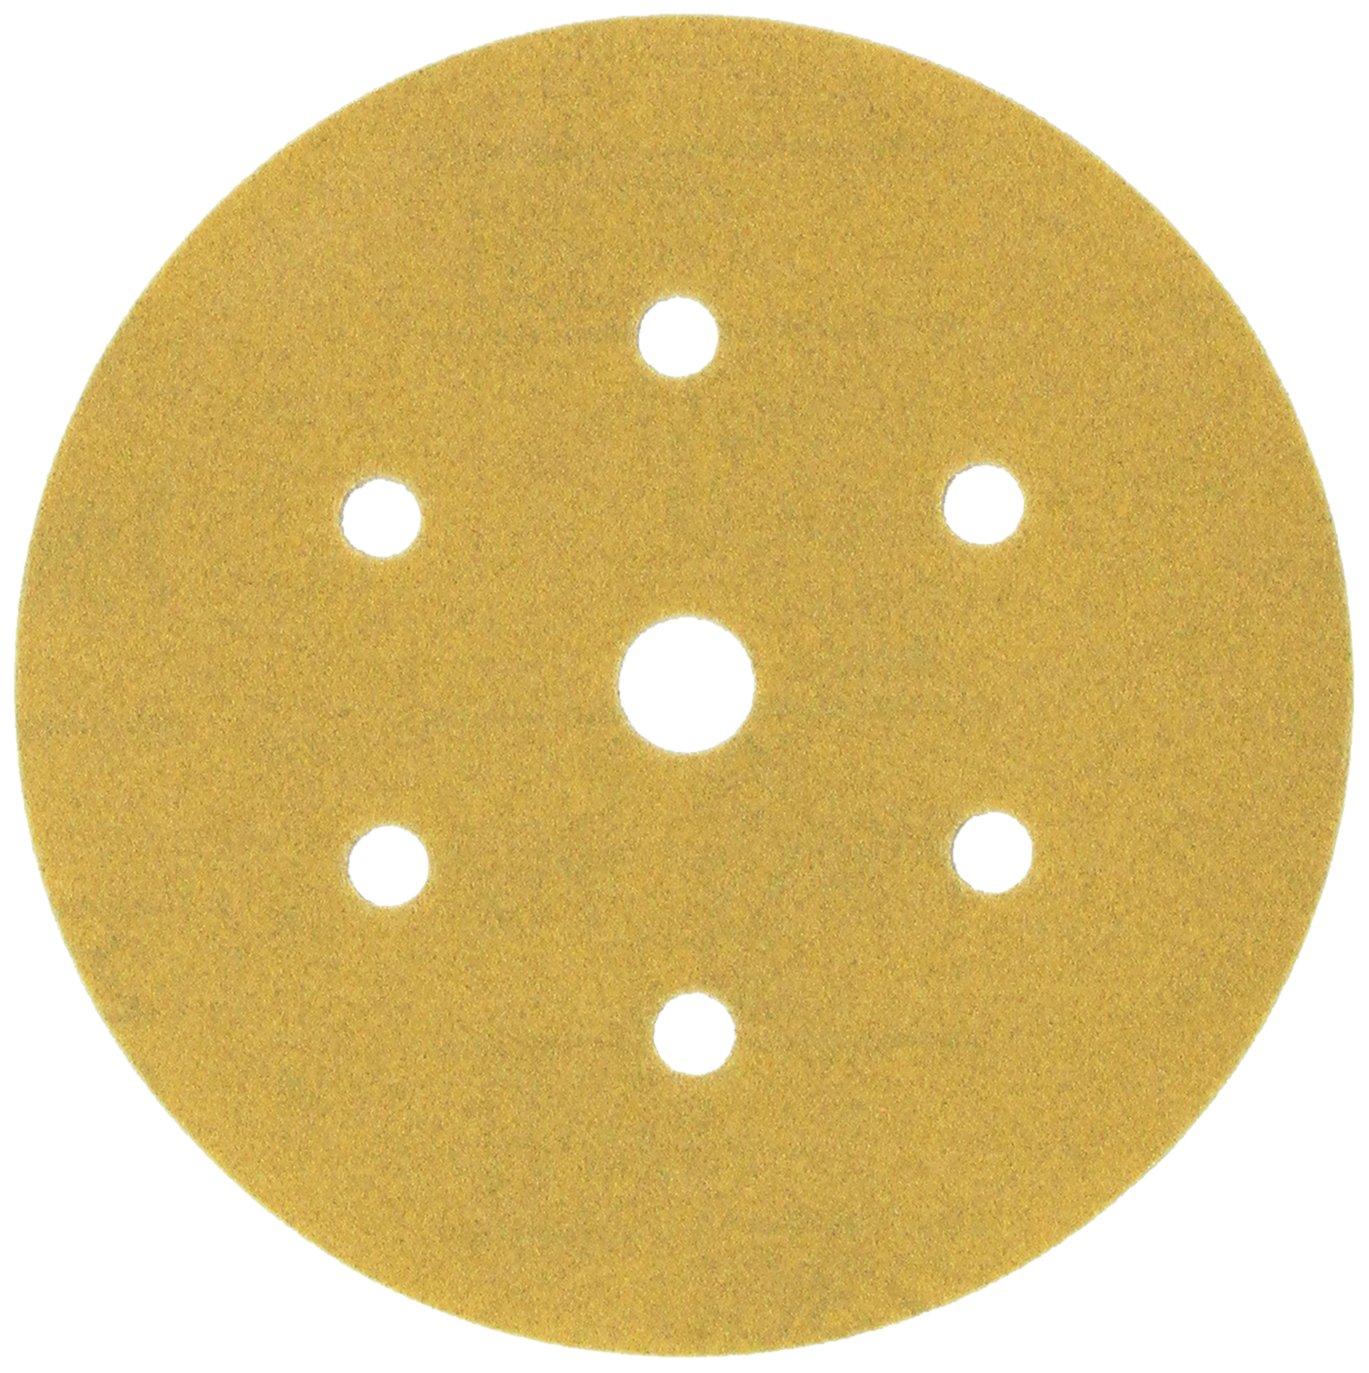 3M 00919 Hookit Gold 3' P120C Grit Disc